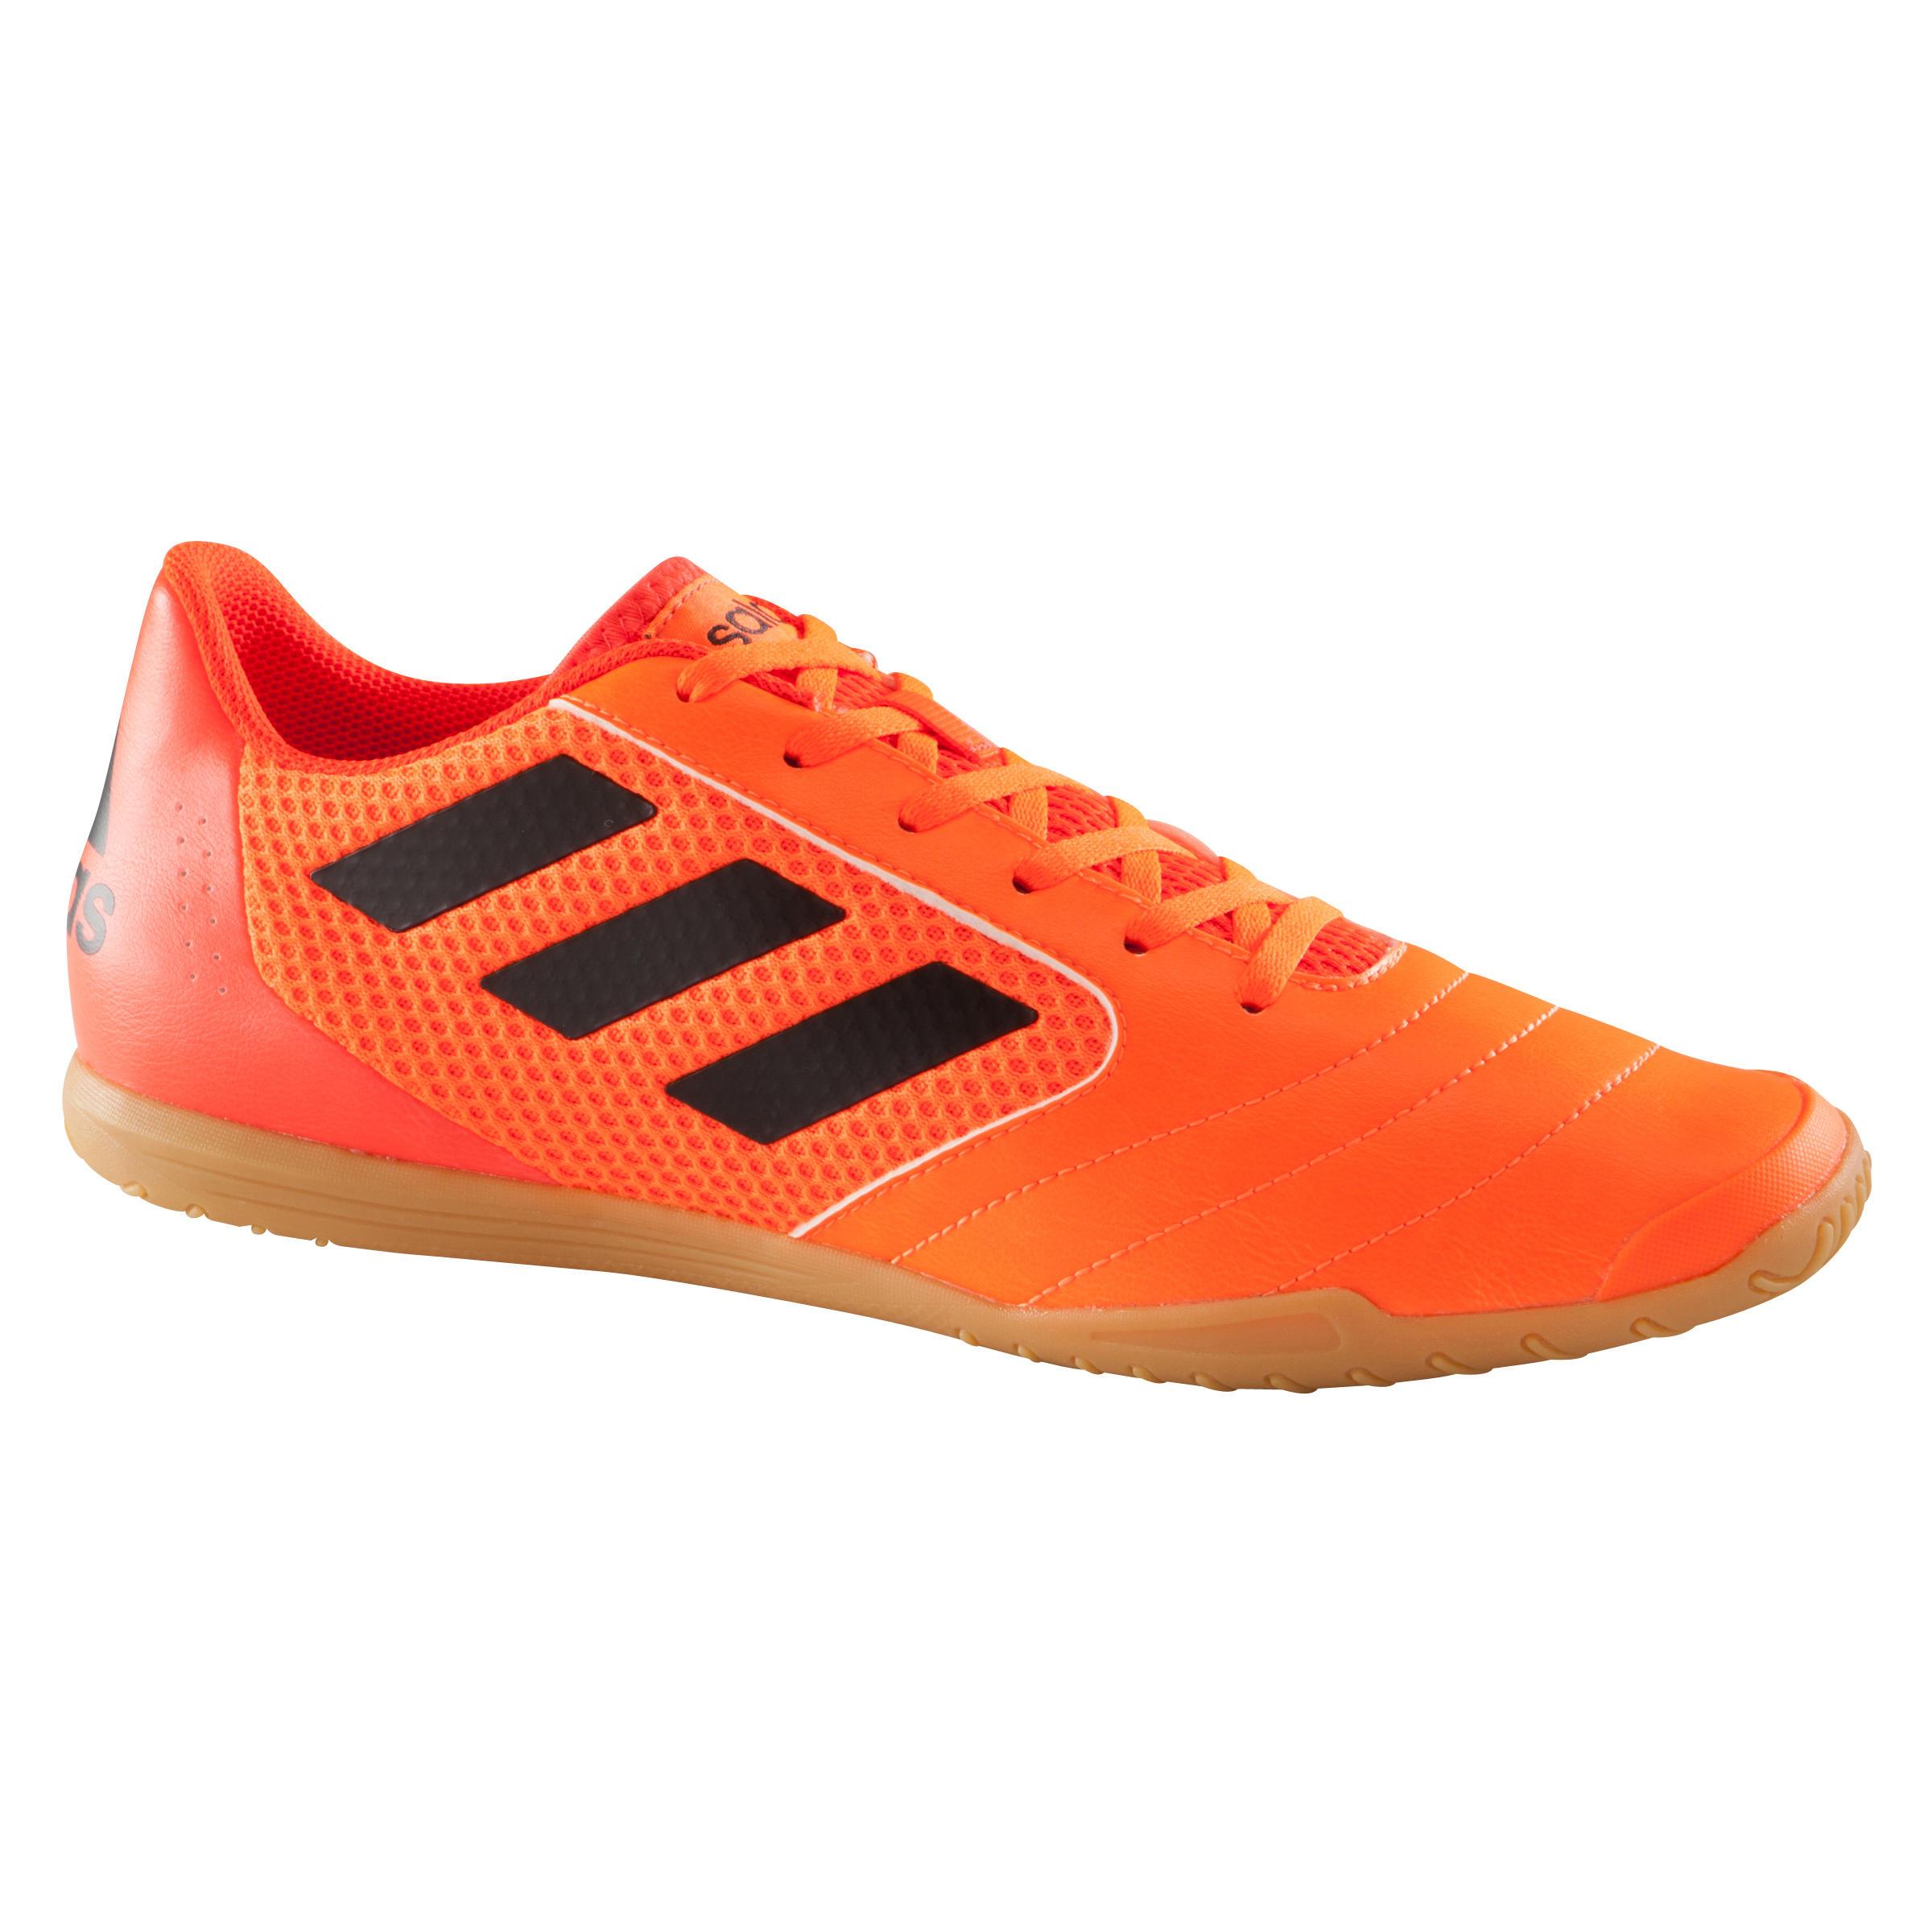 Adidas Zaalvoetbalschoenen Ace 17.4 voor volwassenen oranje